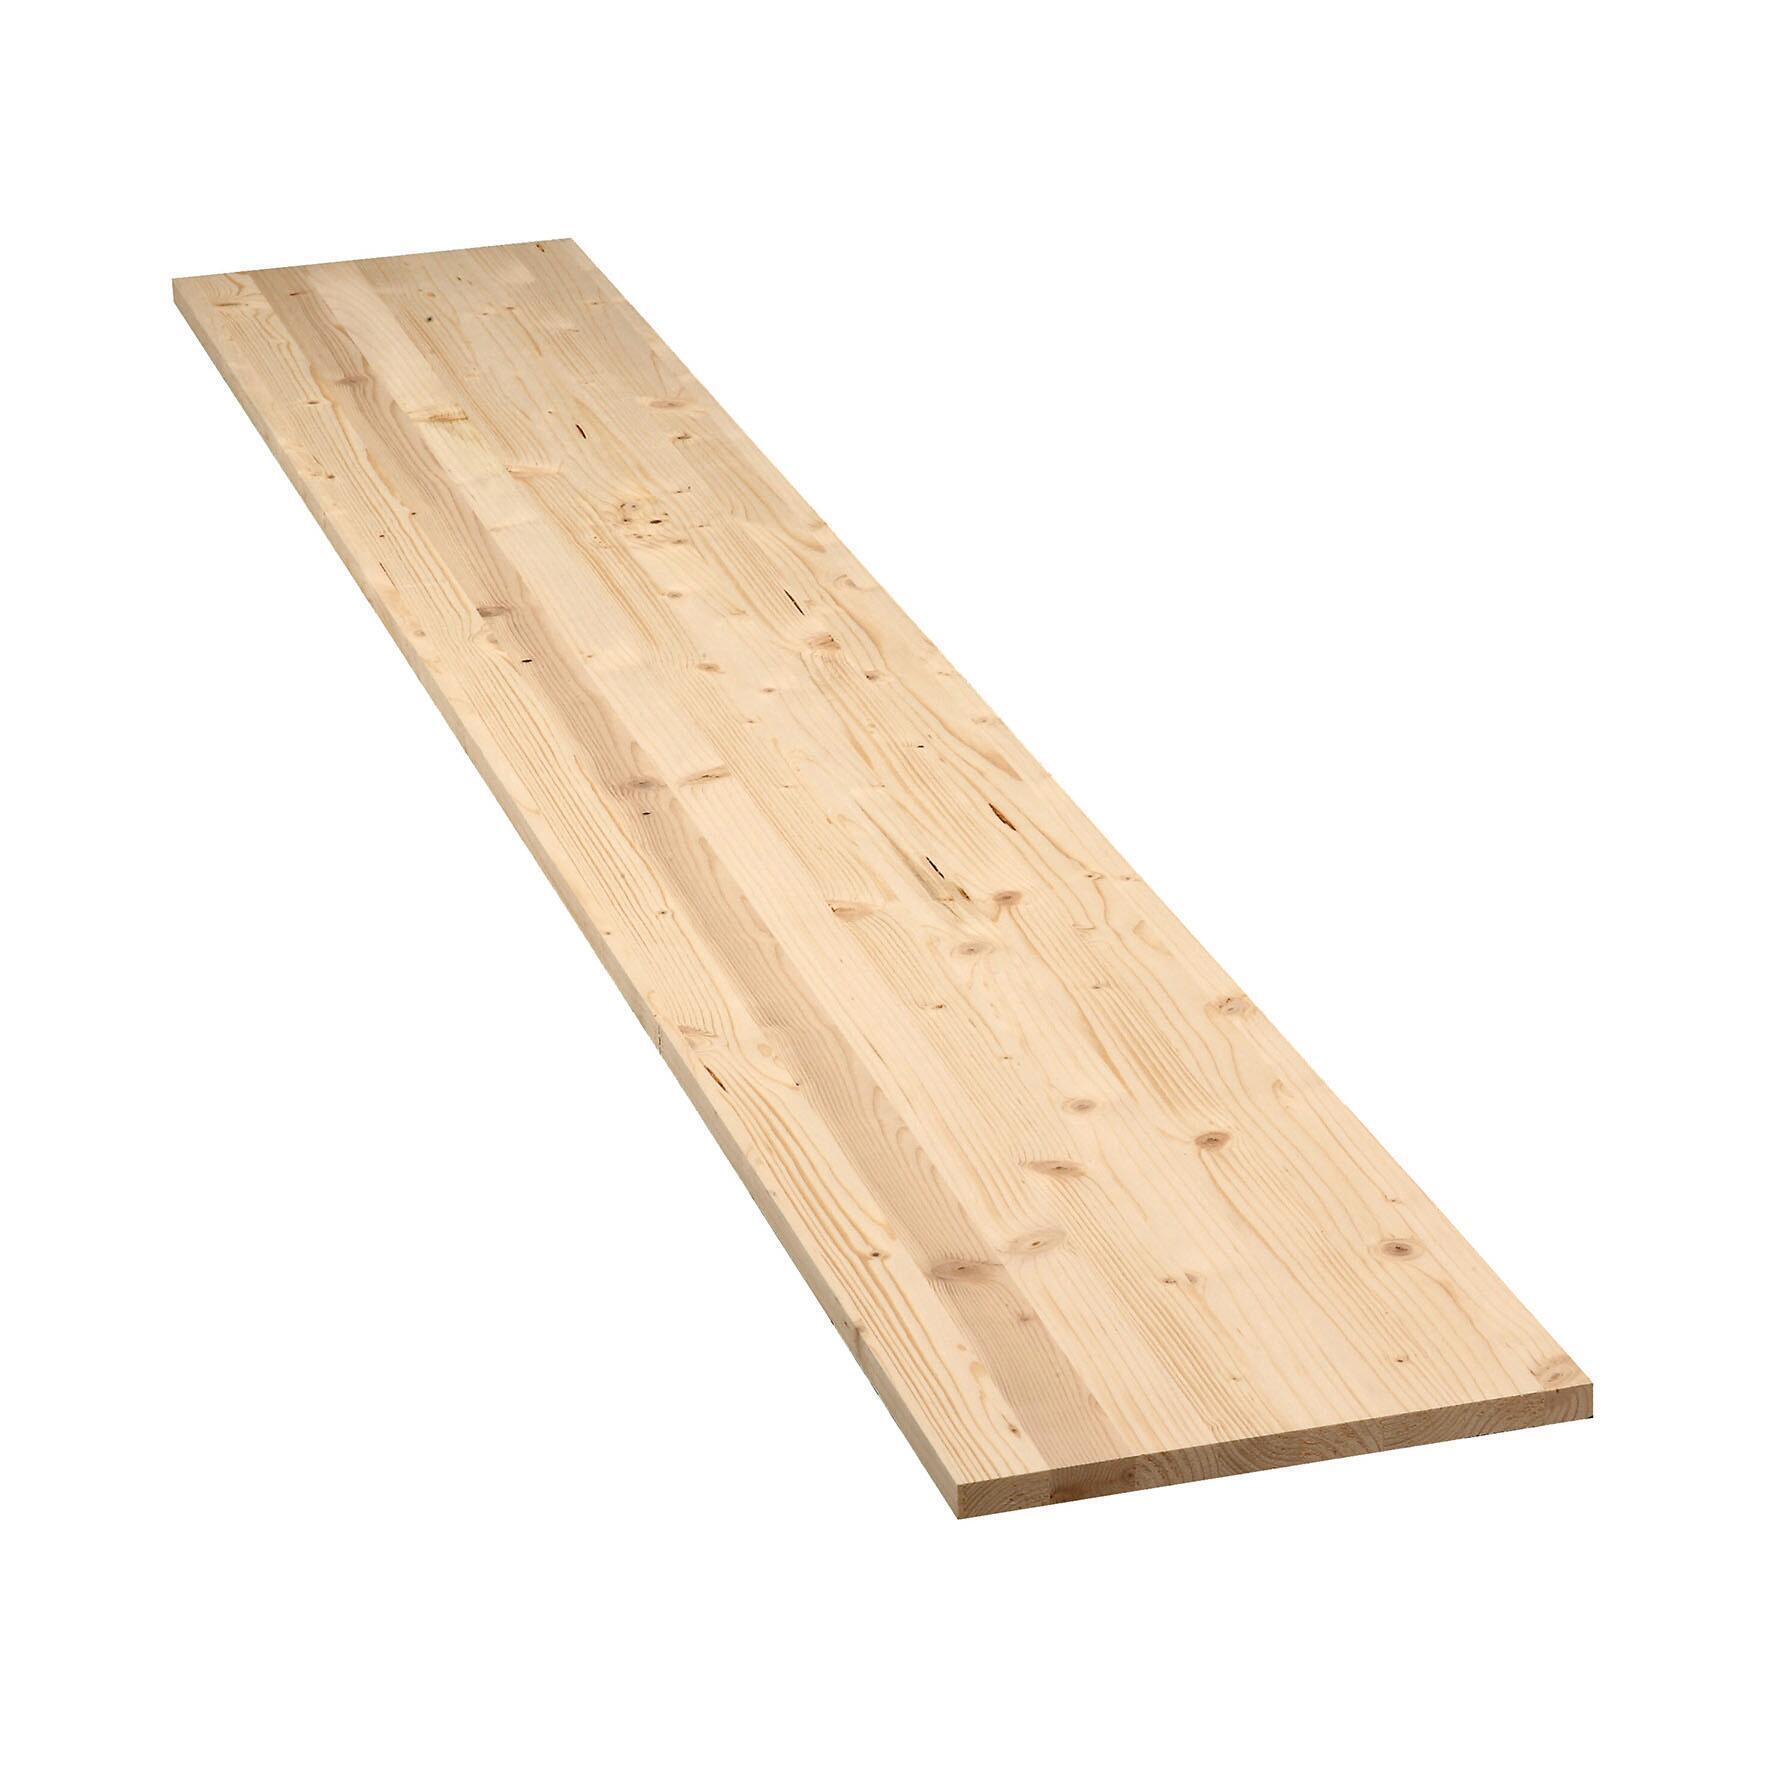 Tavola legno lamellare abete 200 x 30 cm Sp 18 mm - 1